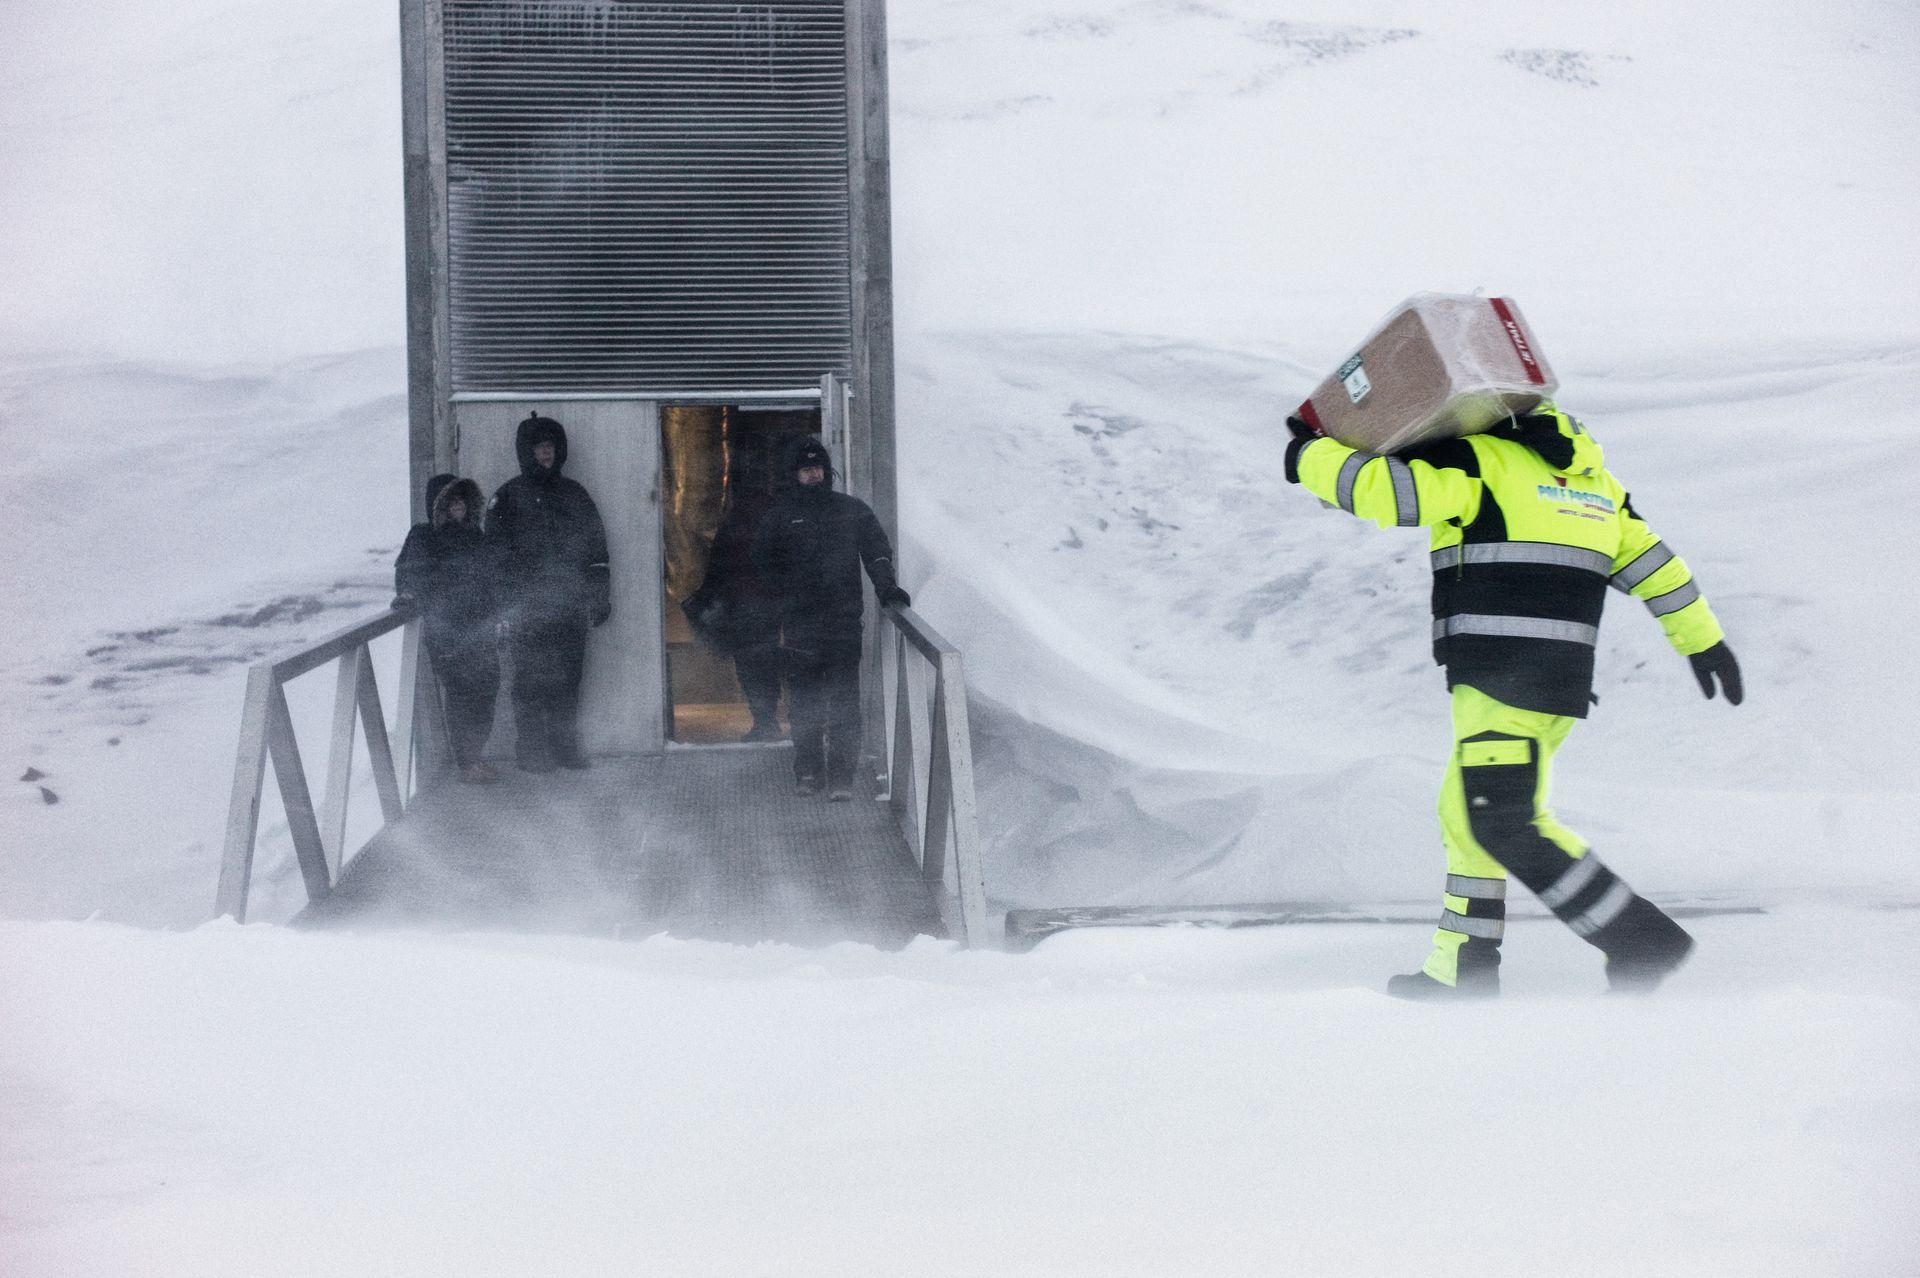 Los trabajadores de este búnker están acostumbrados a la hostilidad del clima.